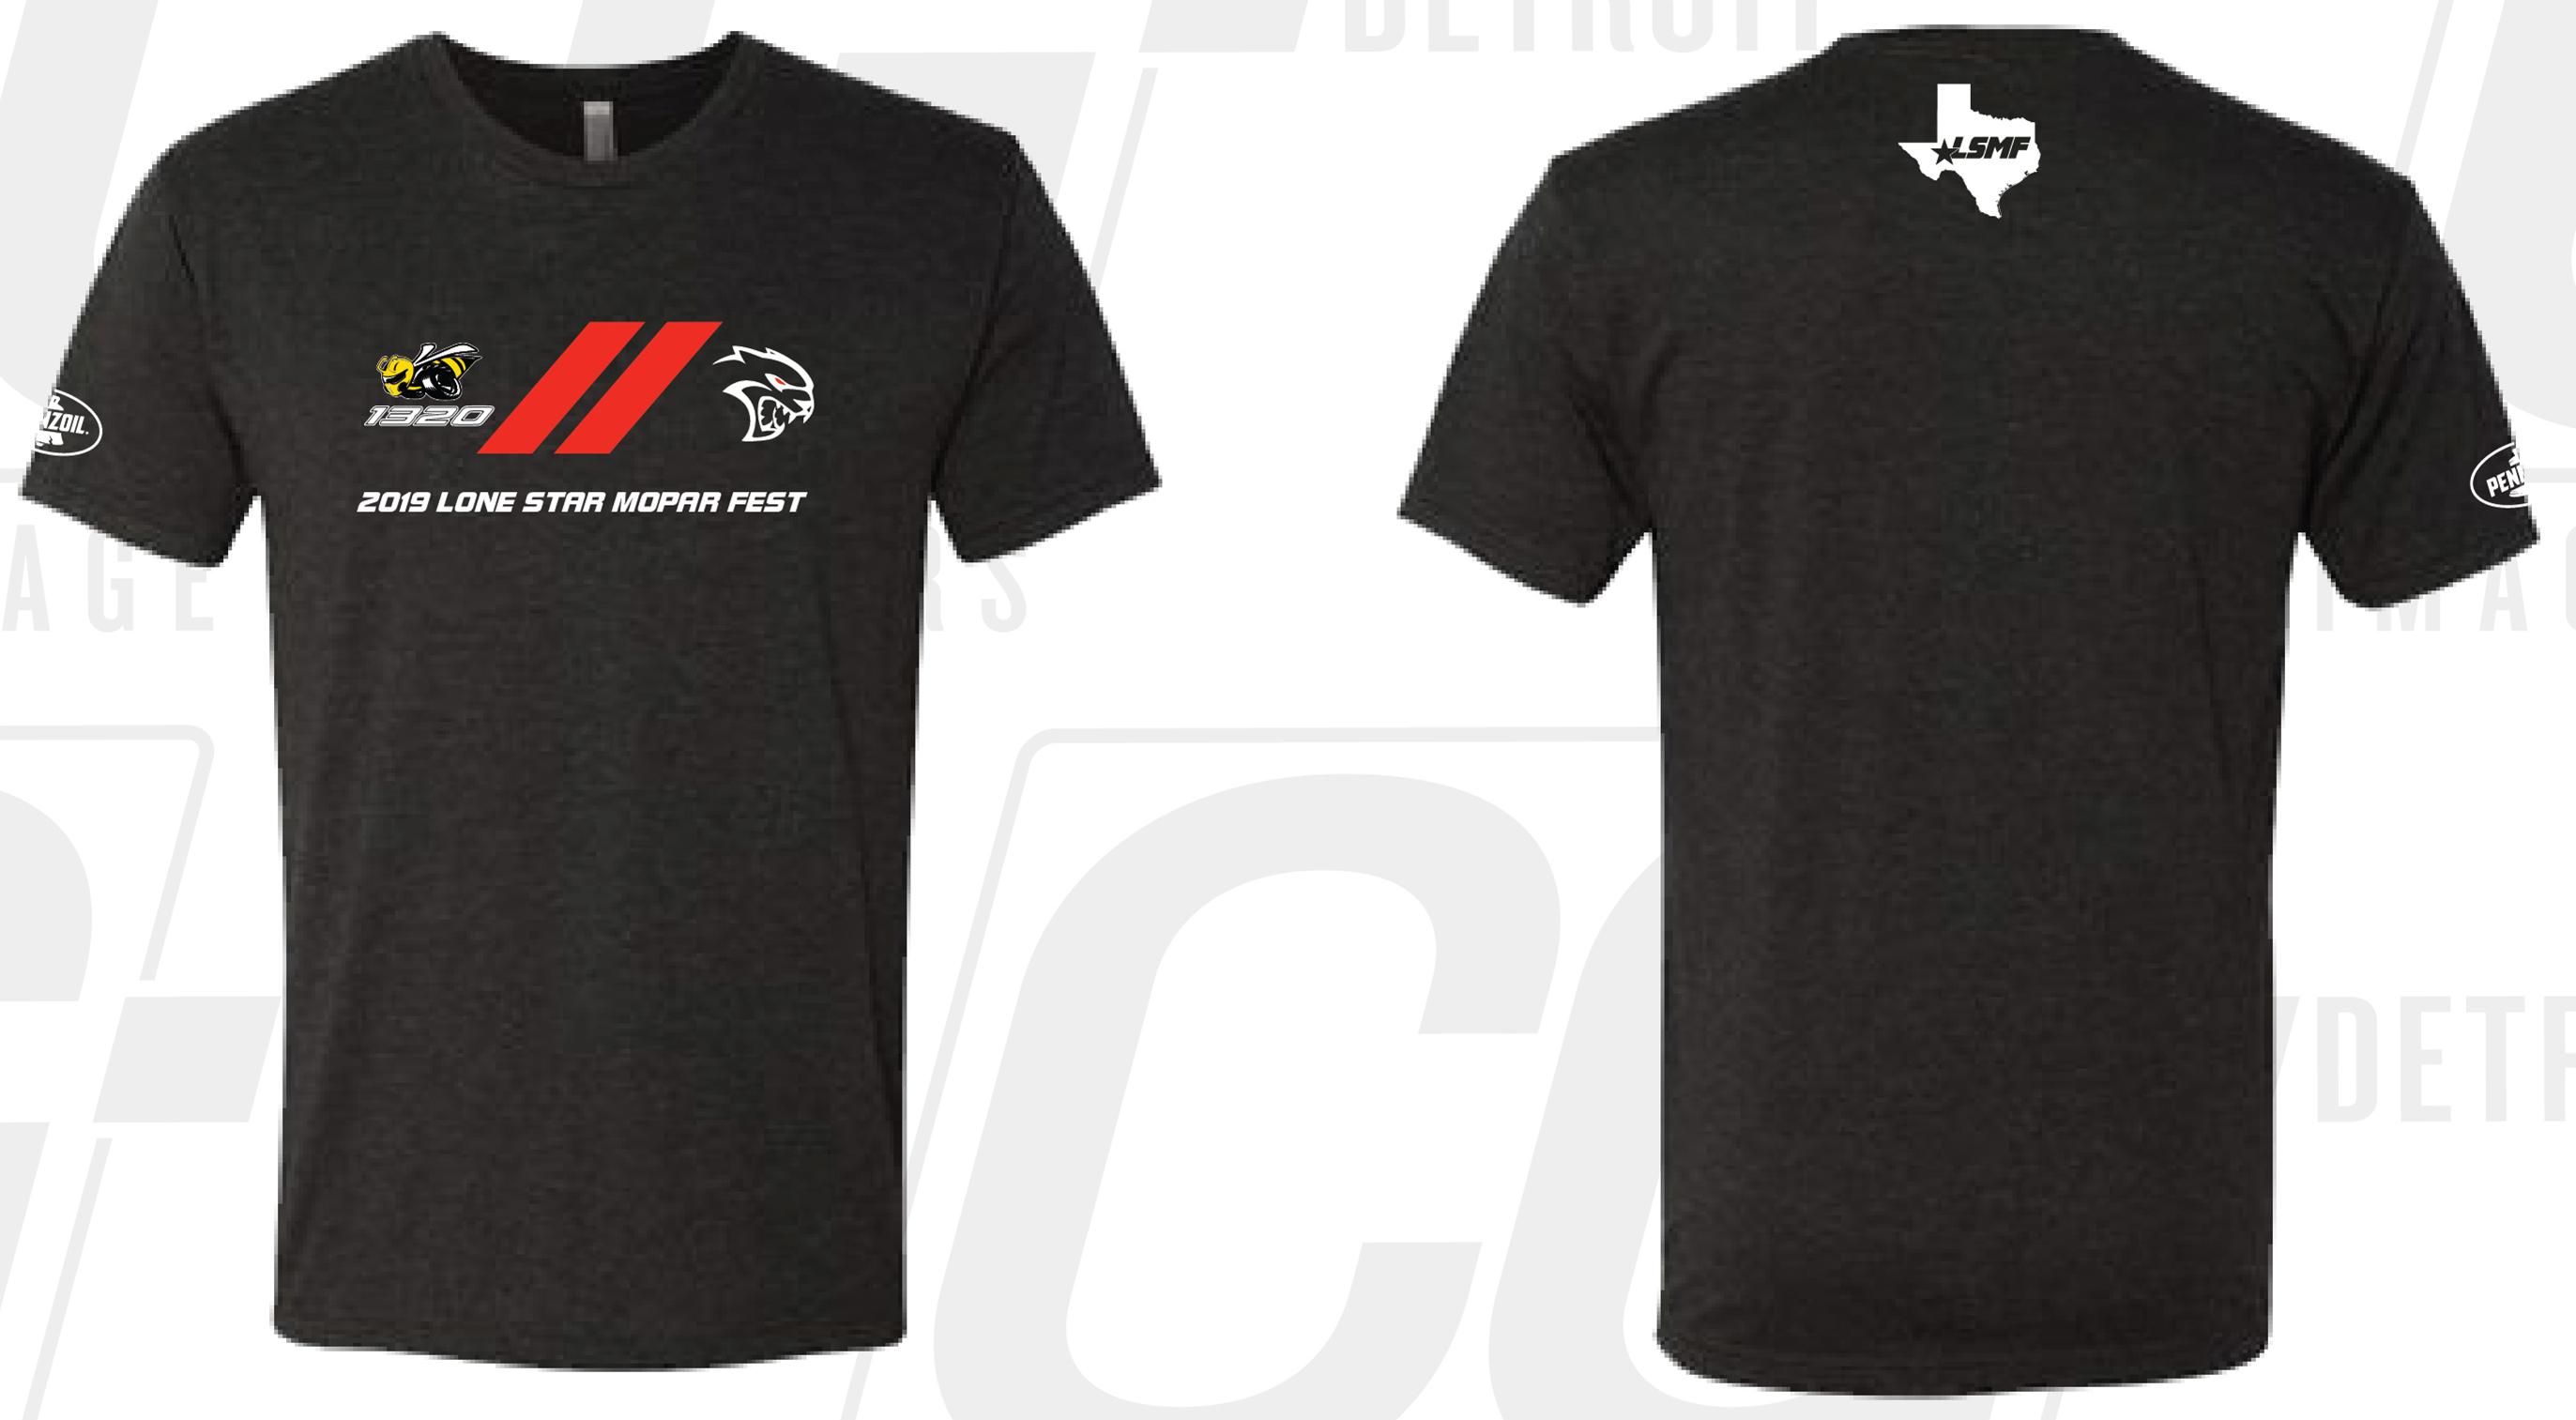 2019 Event T-Shirt